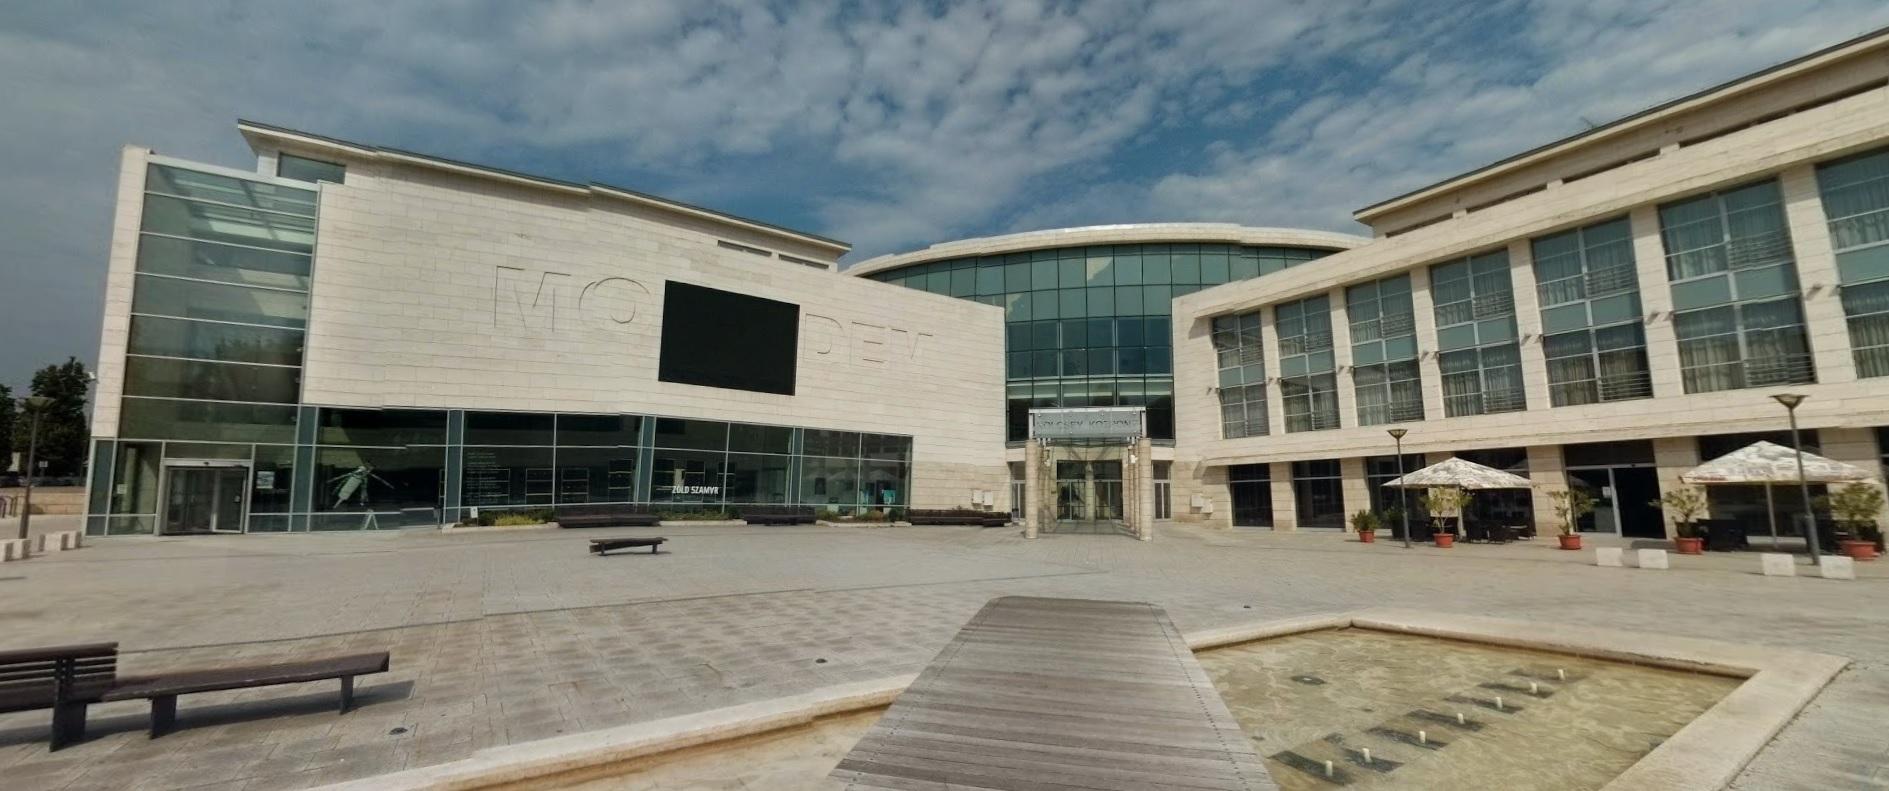 Debrecen a Modemet ajánlotta fel fedezetként a BMW-gyár építéséhez